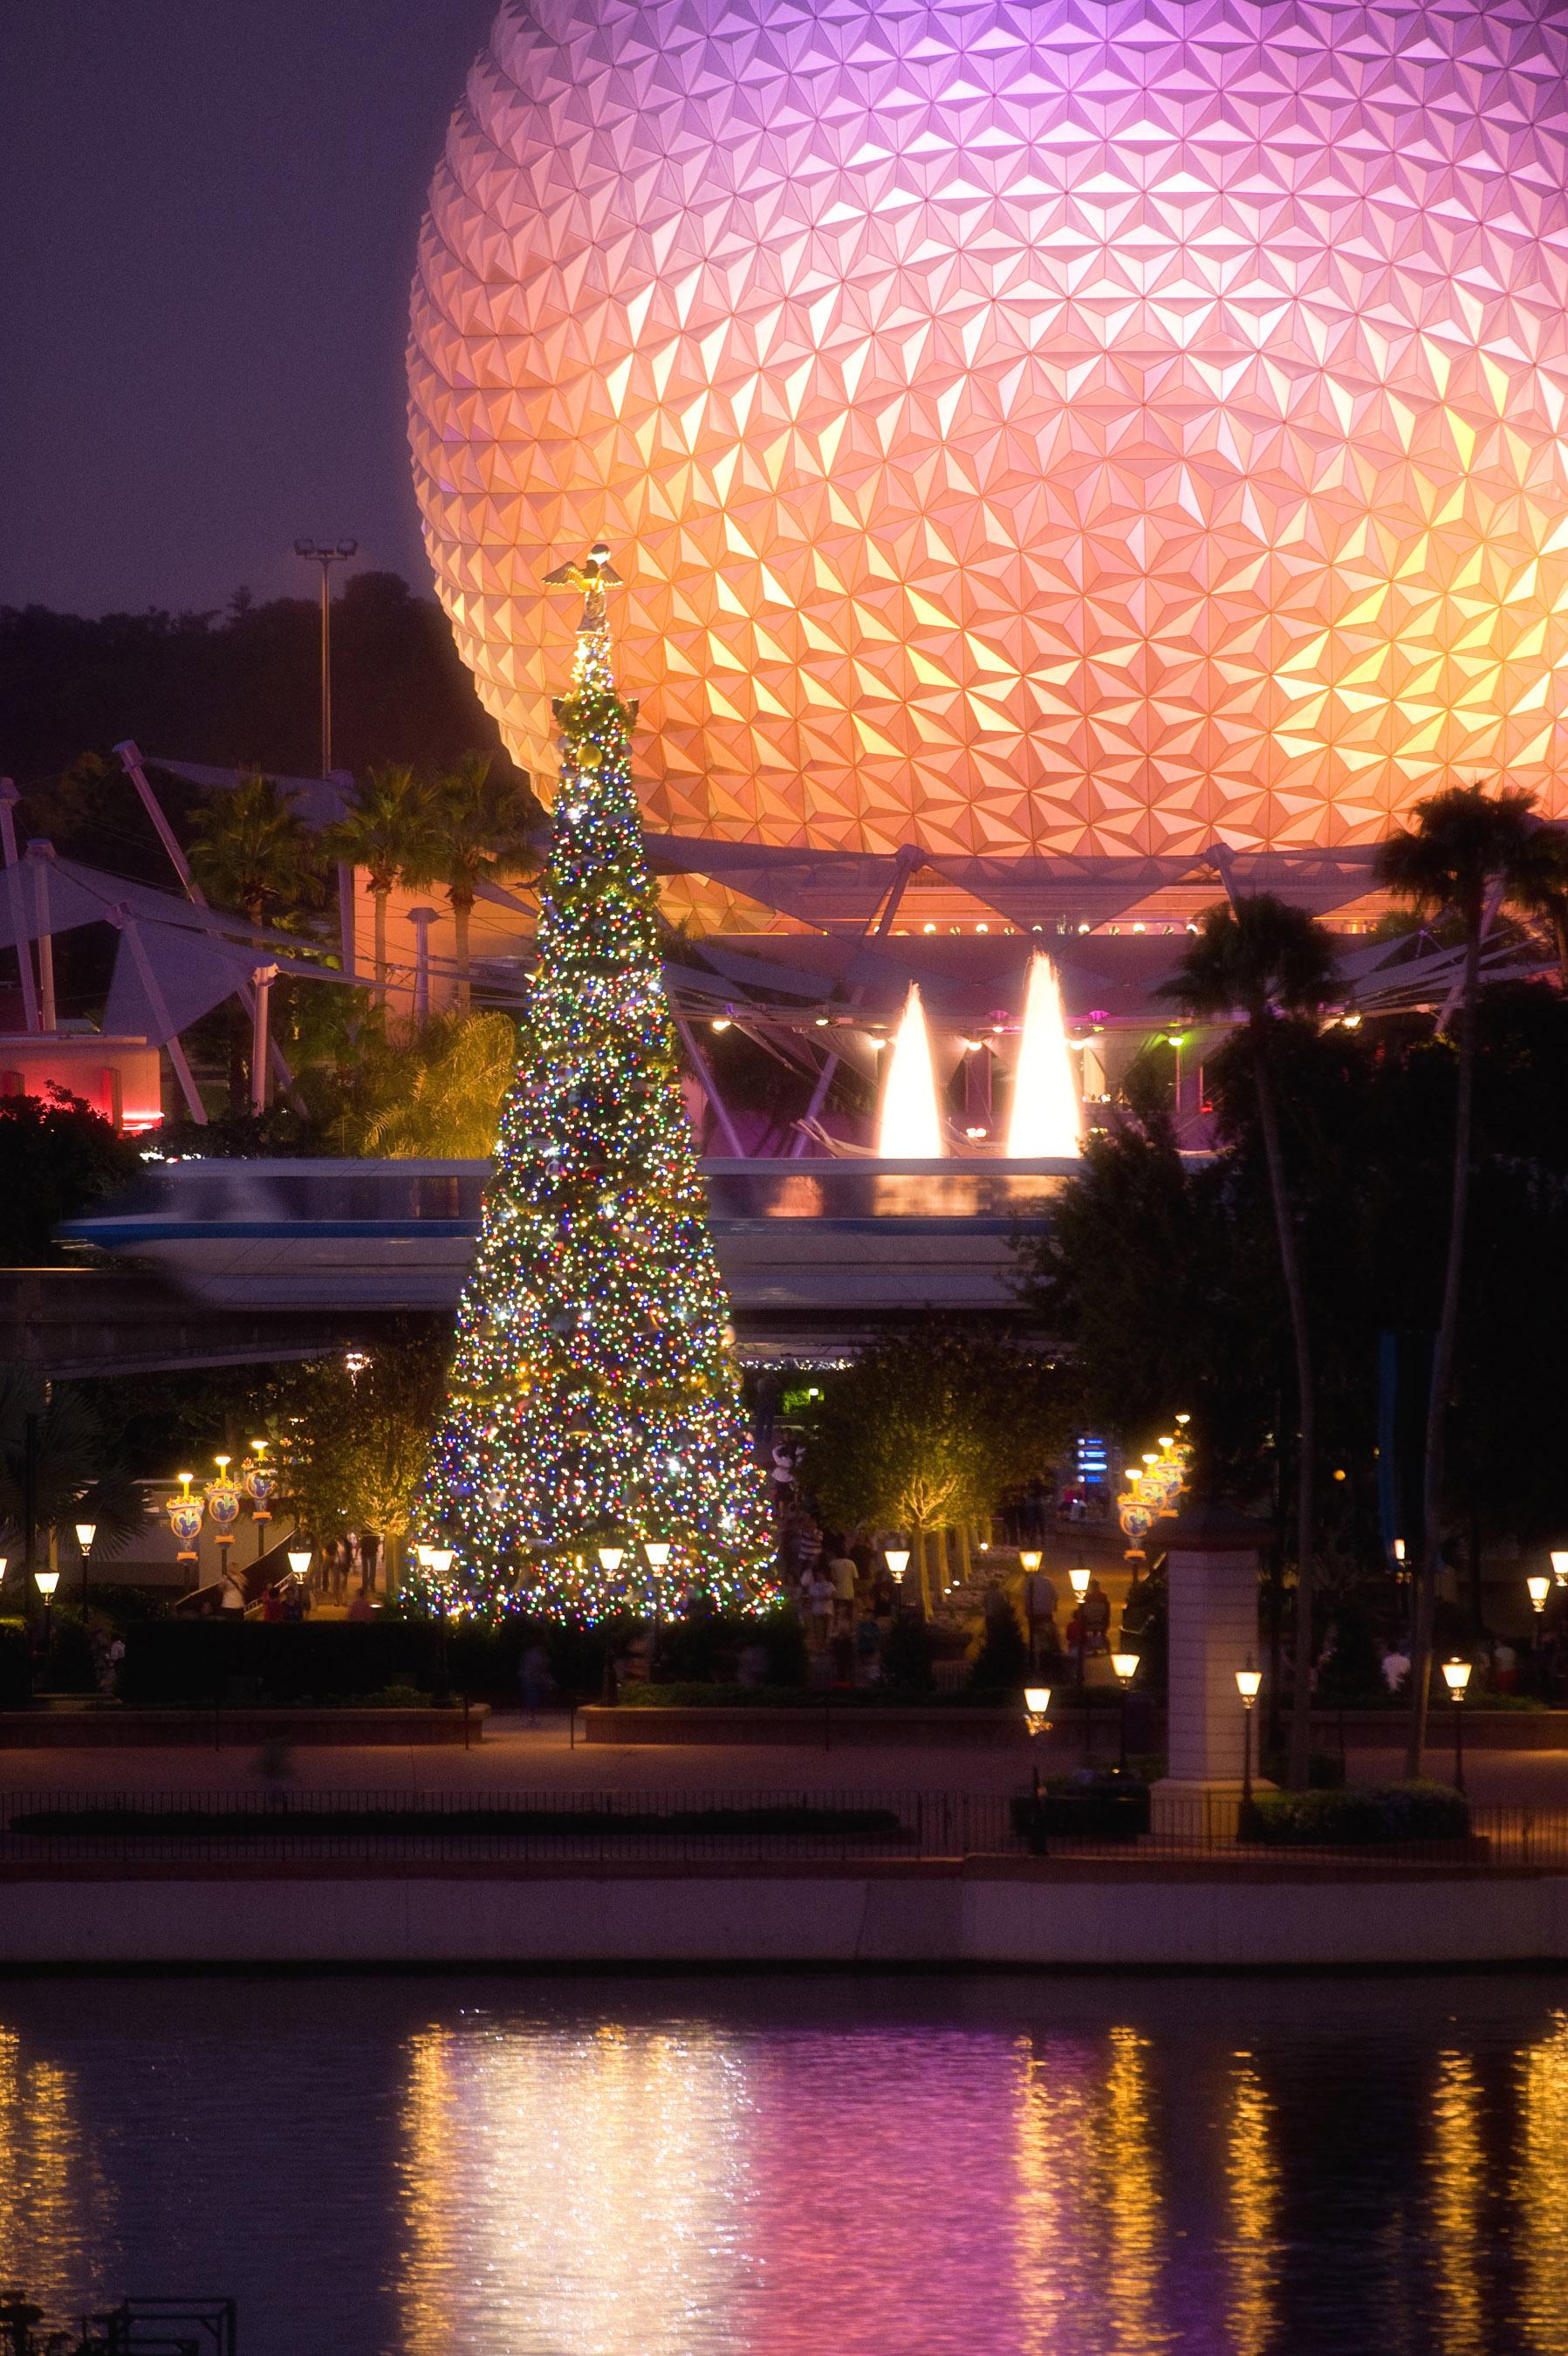 Epcot Christmas Tree. Holidays Aroundtheworld.GarthVaughan